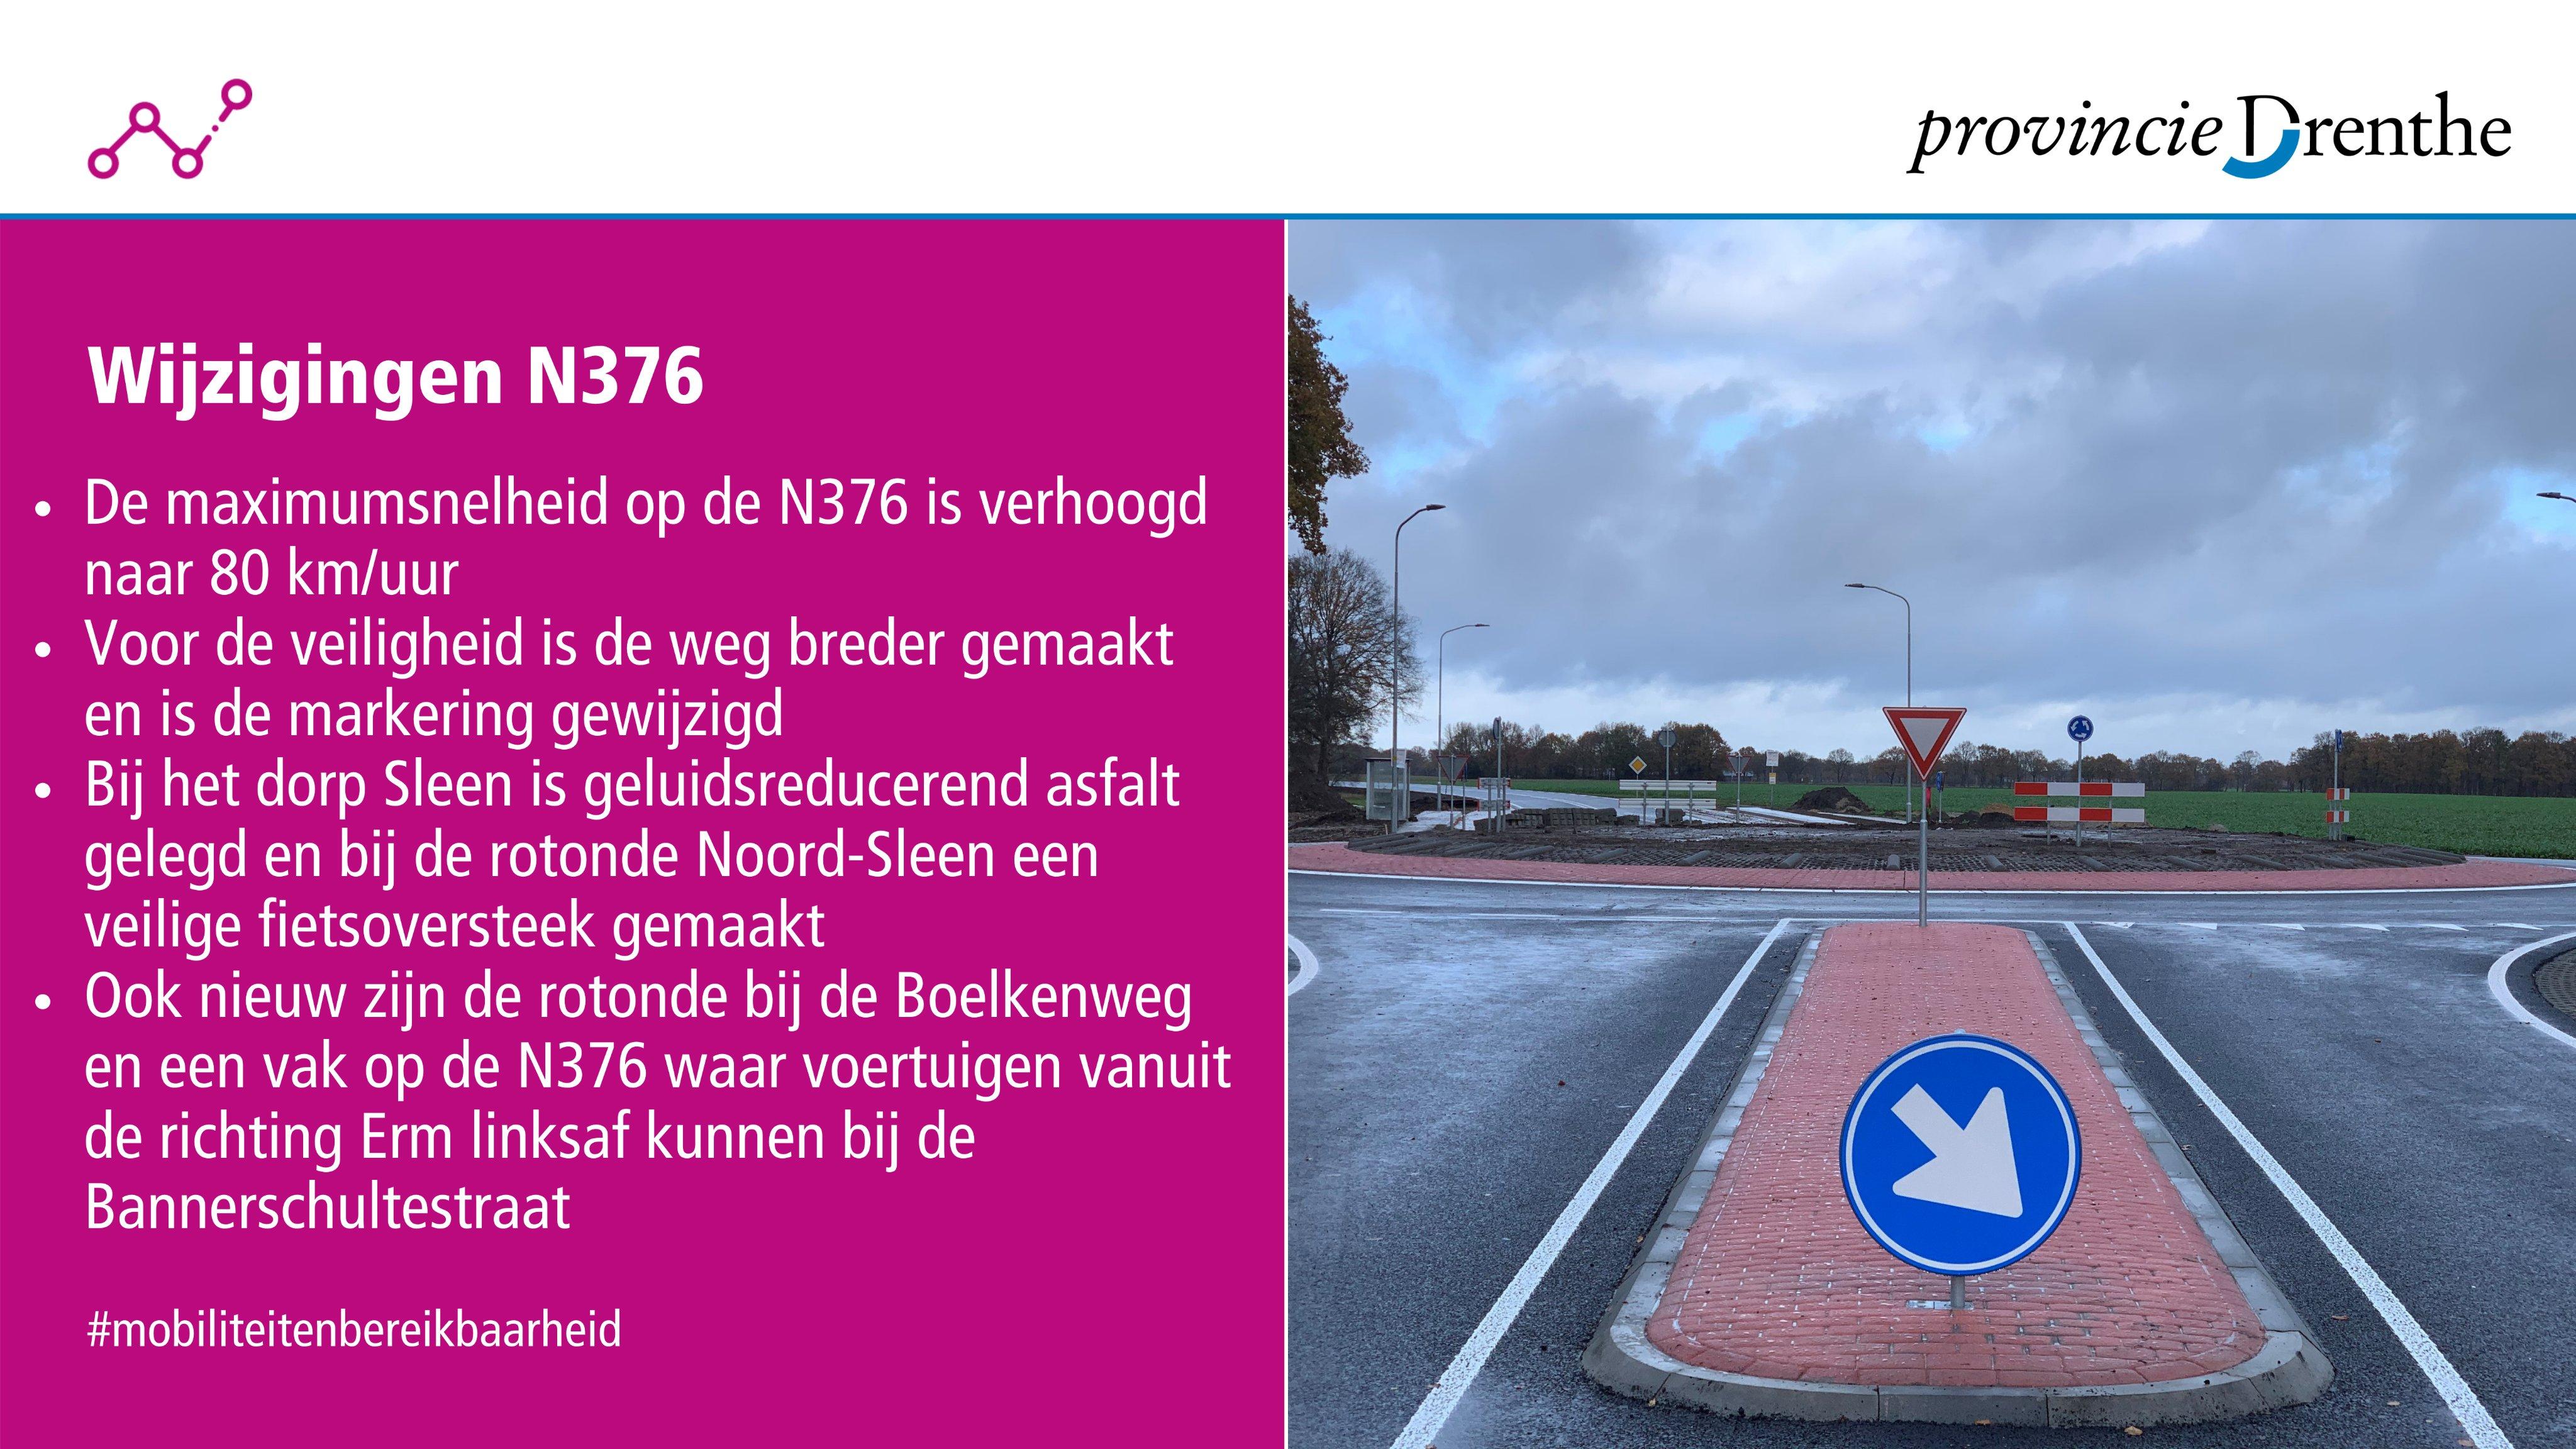 n376 provincie.jpeg